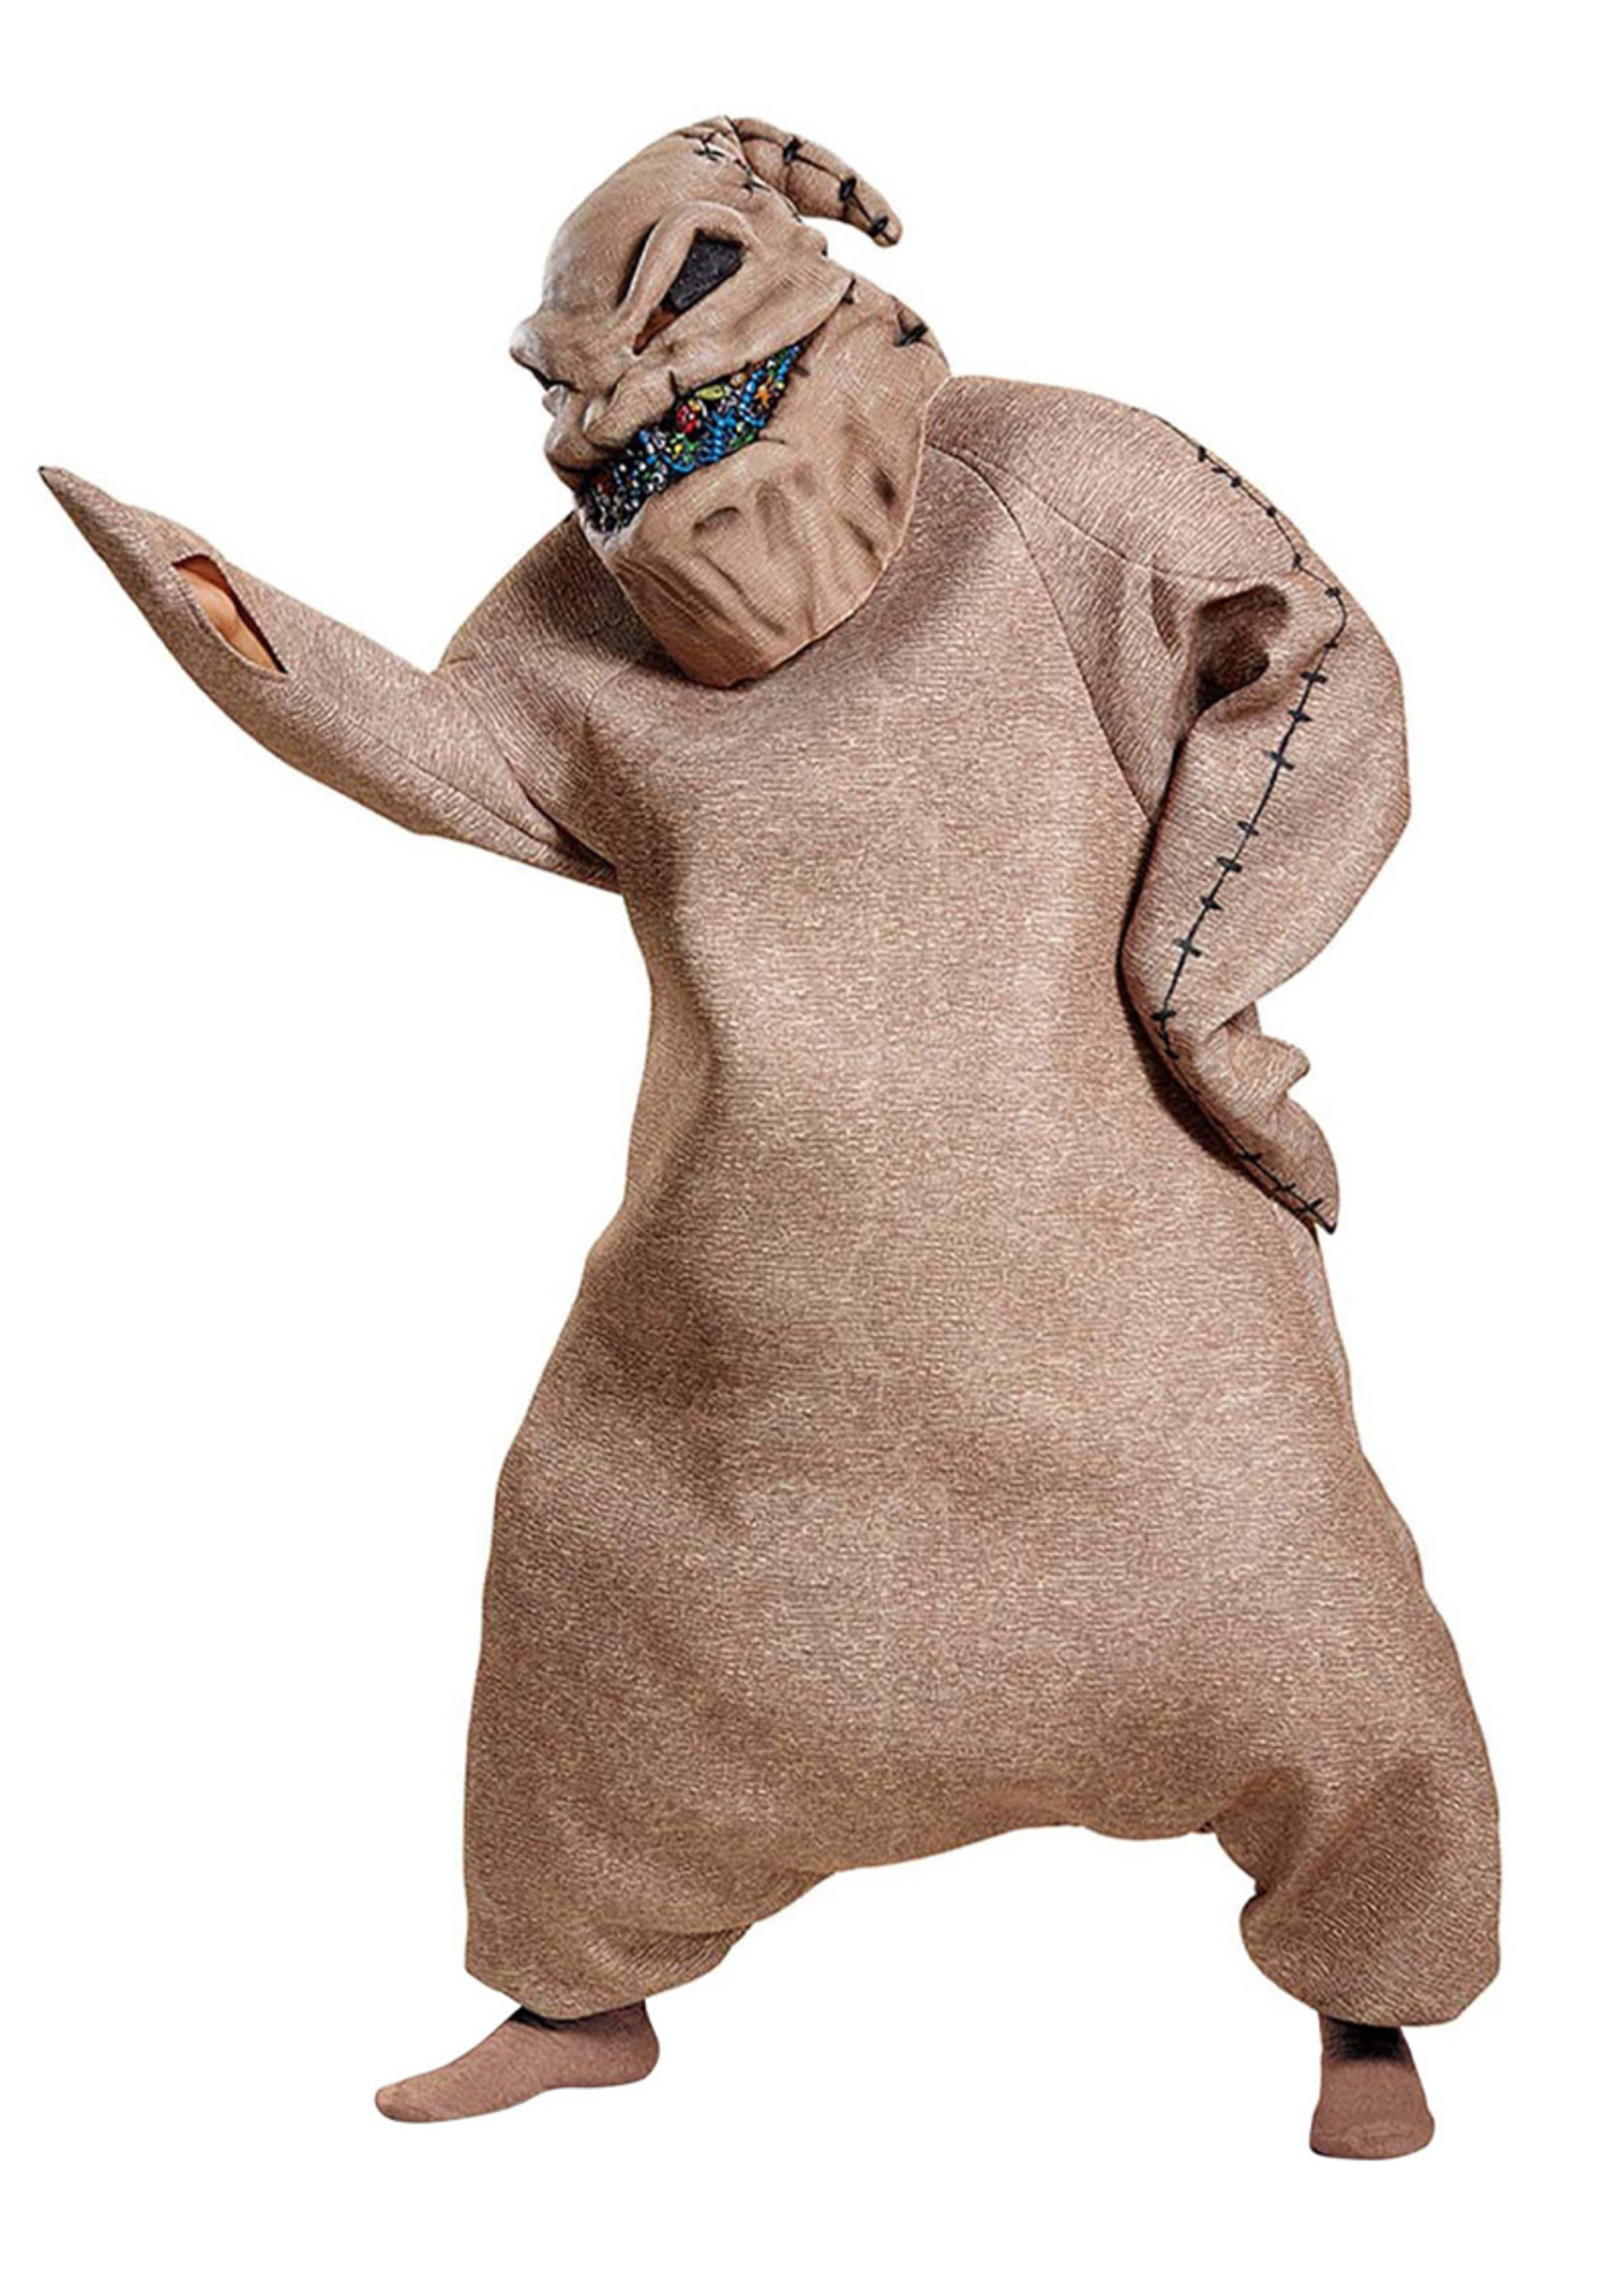 Oogie Boogie Costume - Men's